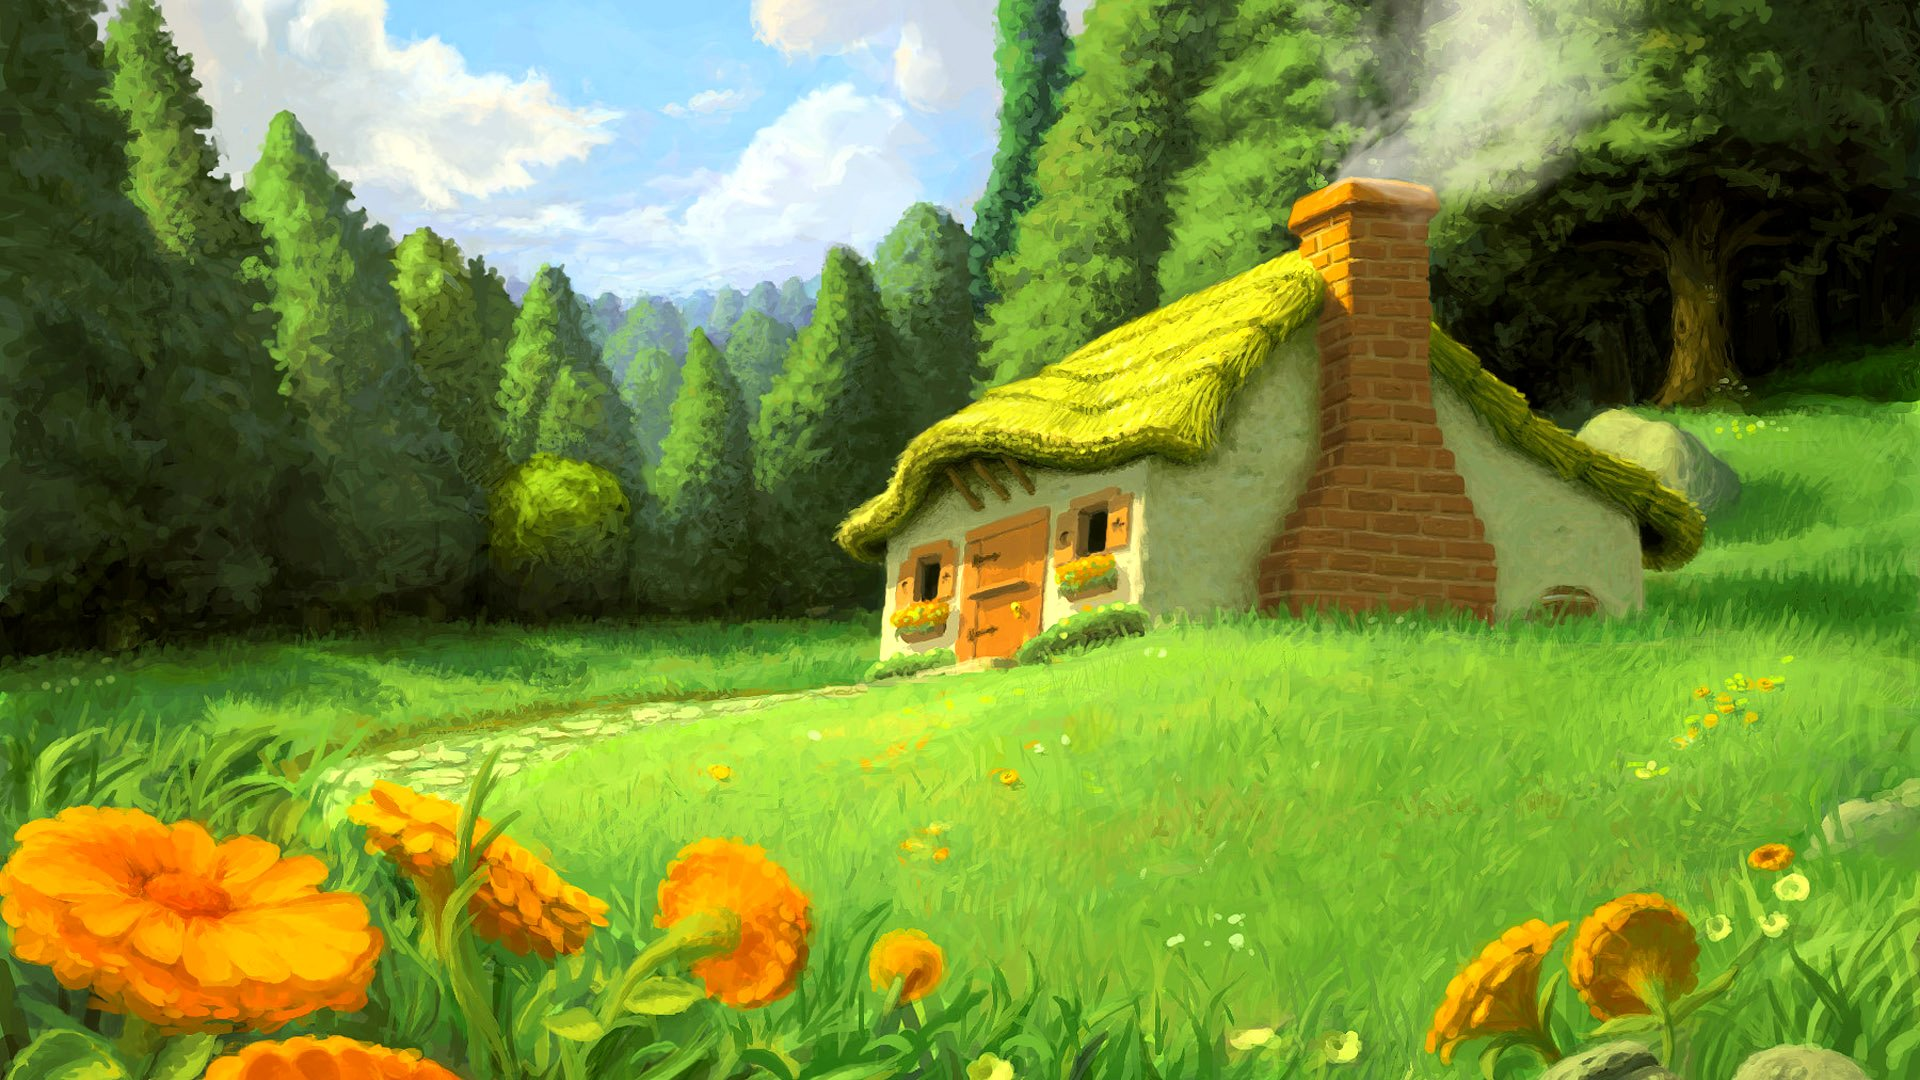 Homepage Fine Art Fine Art HD wallpaper 1920x1080 45 1920x1080